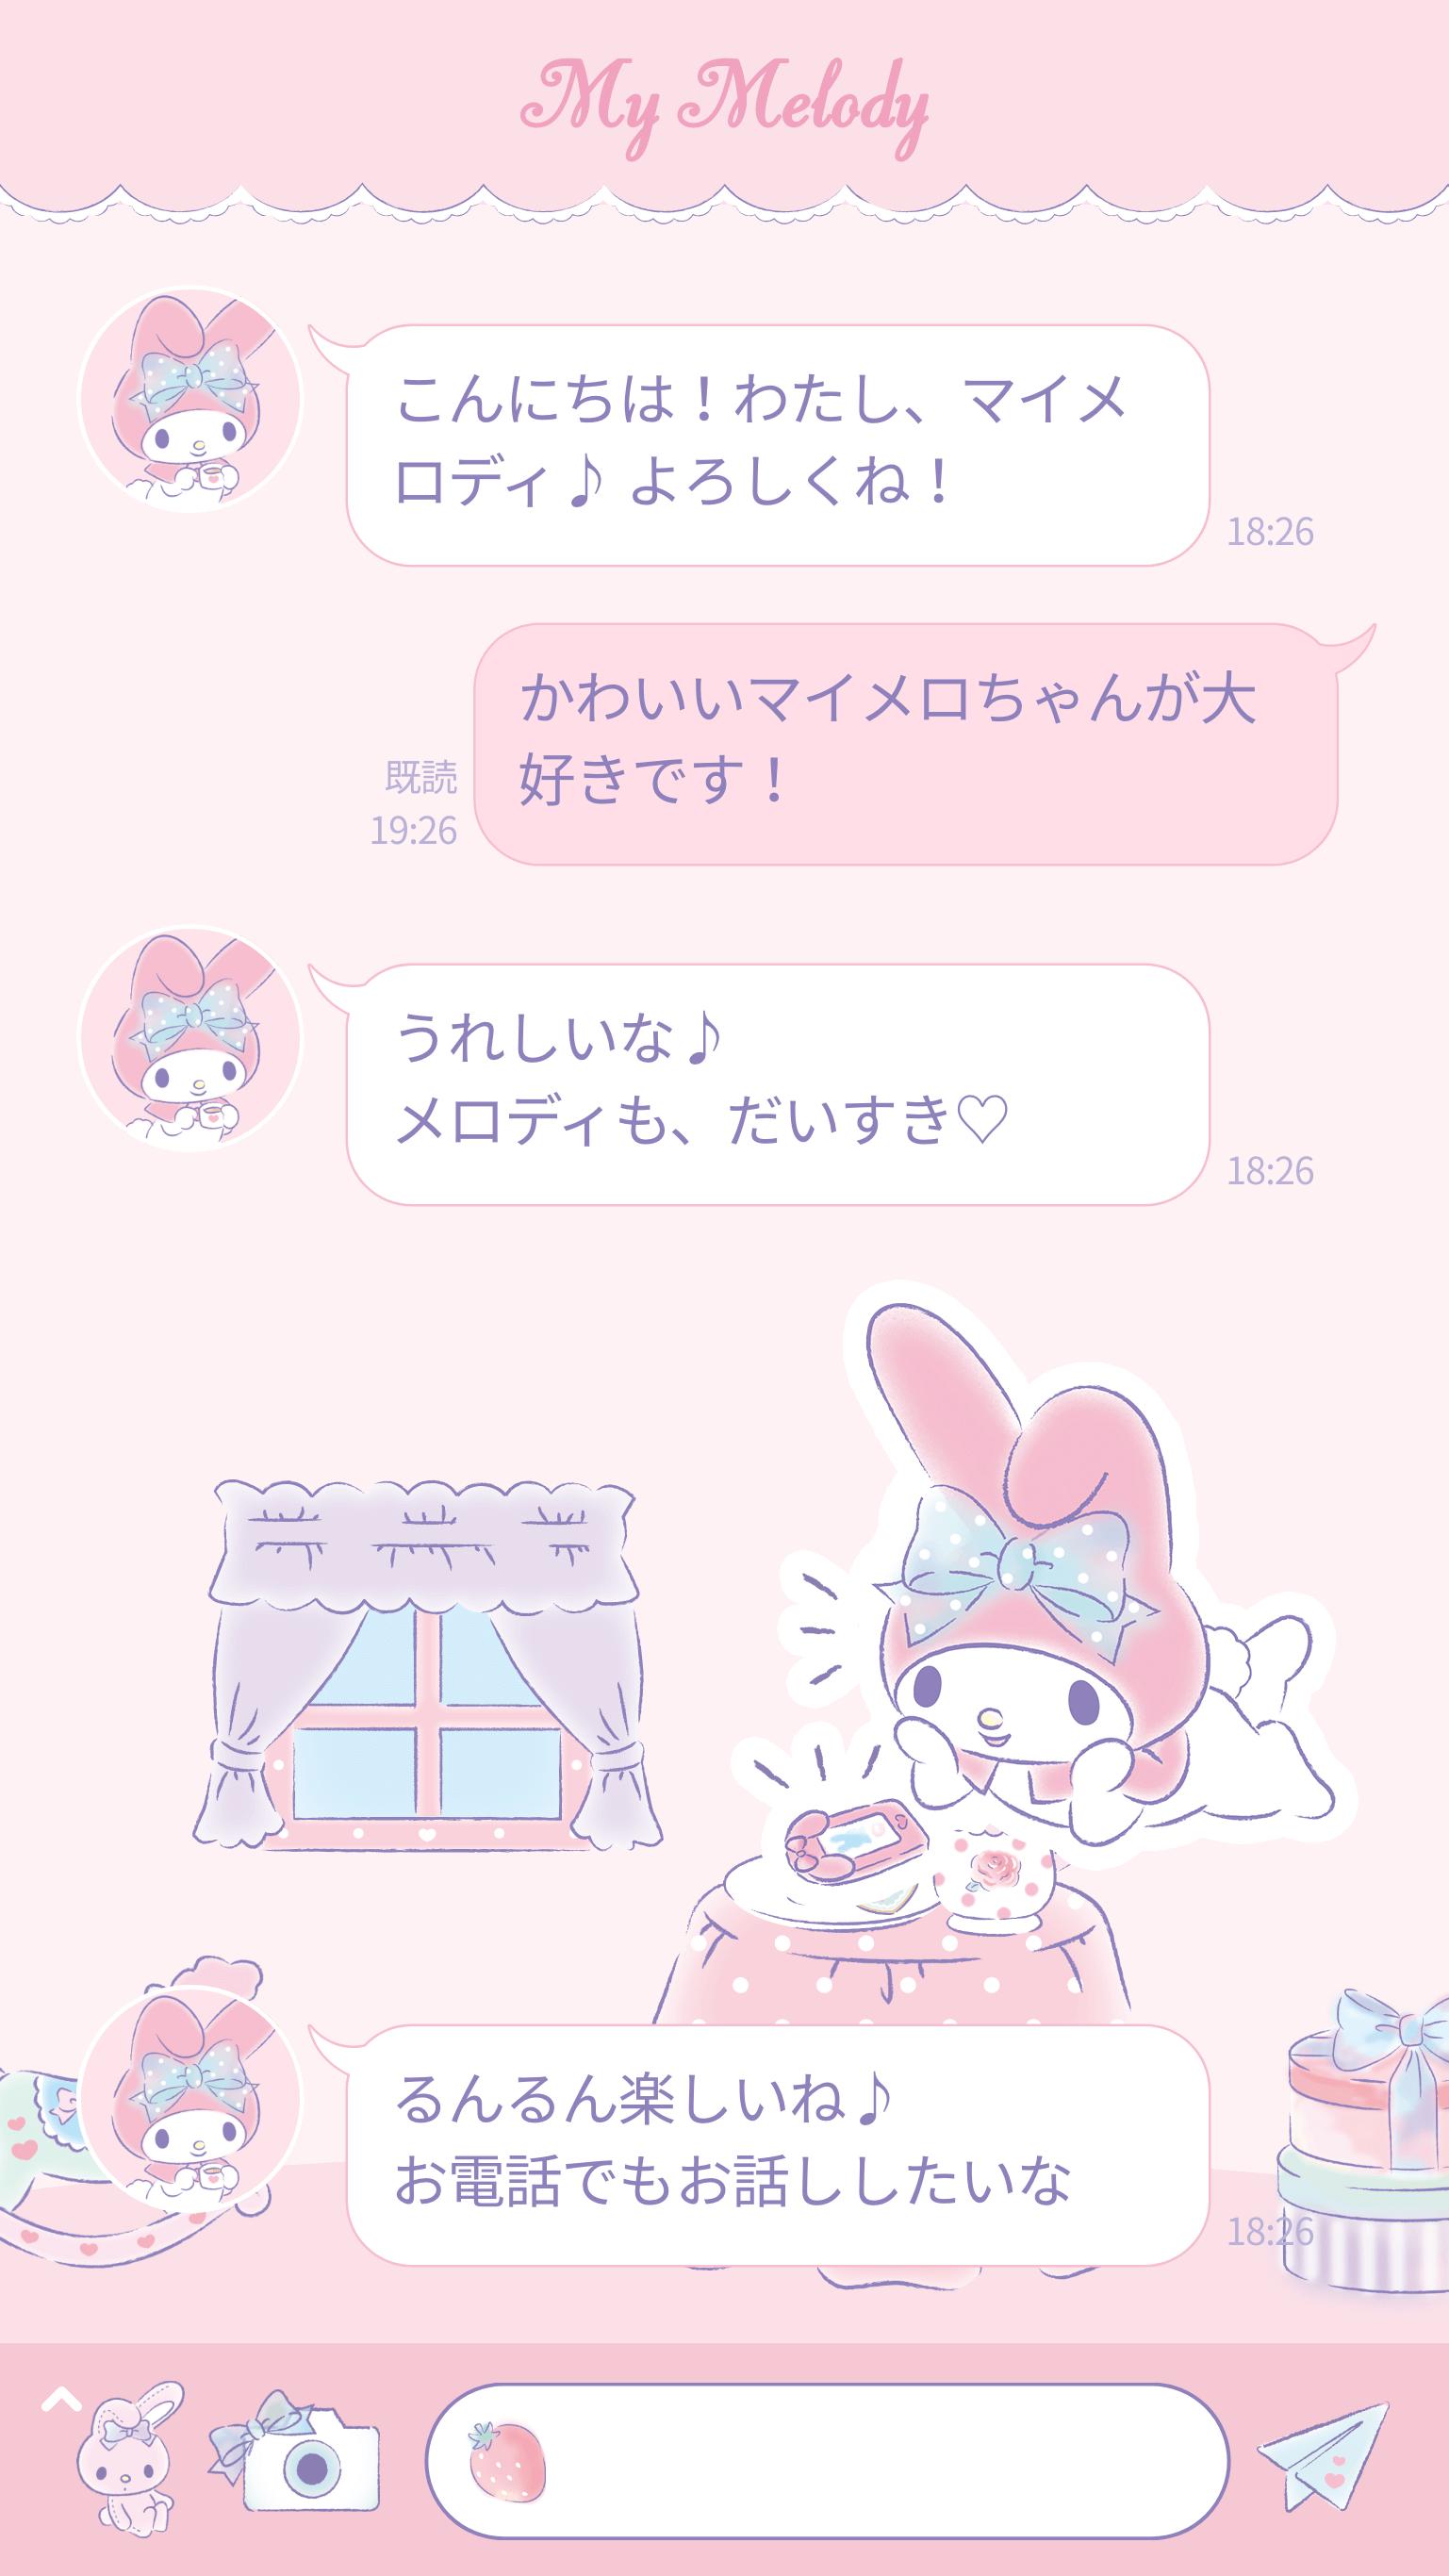 マイメロディ アプリ My Melody 美樂蒂